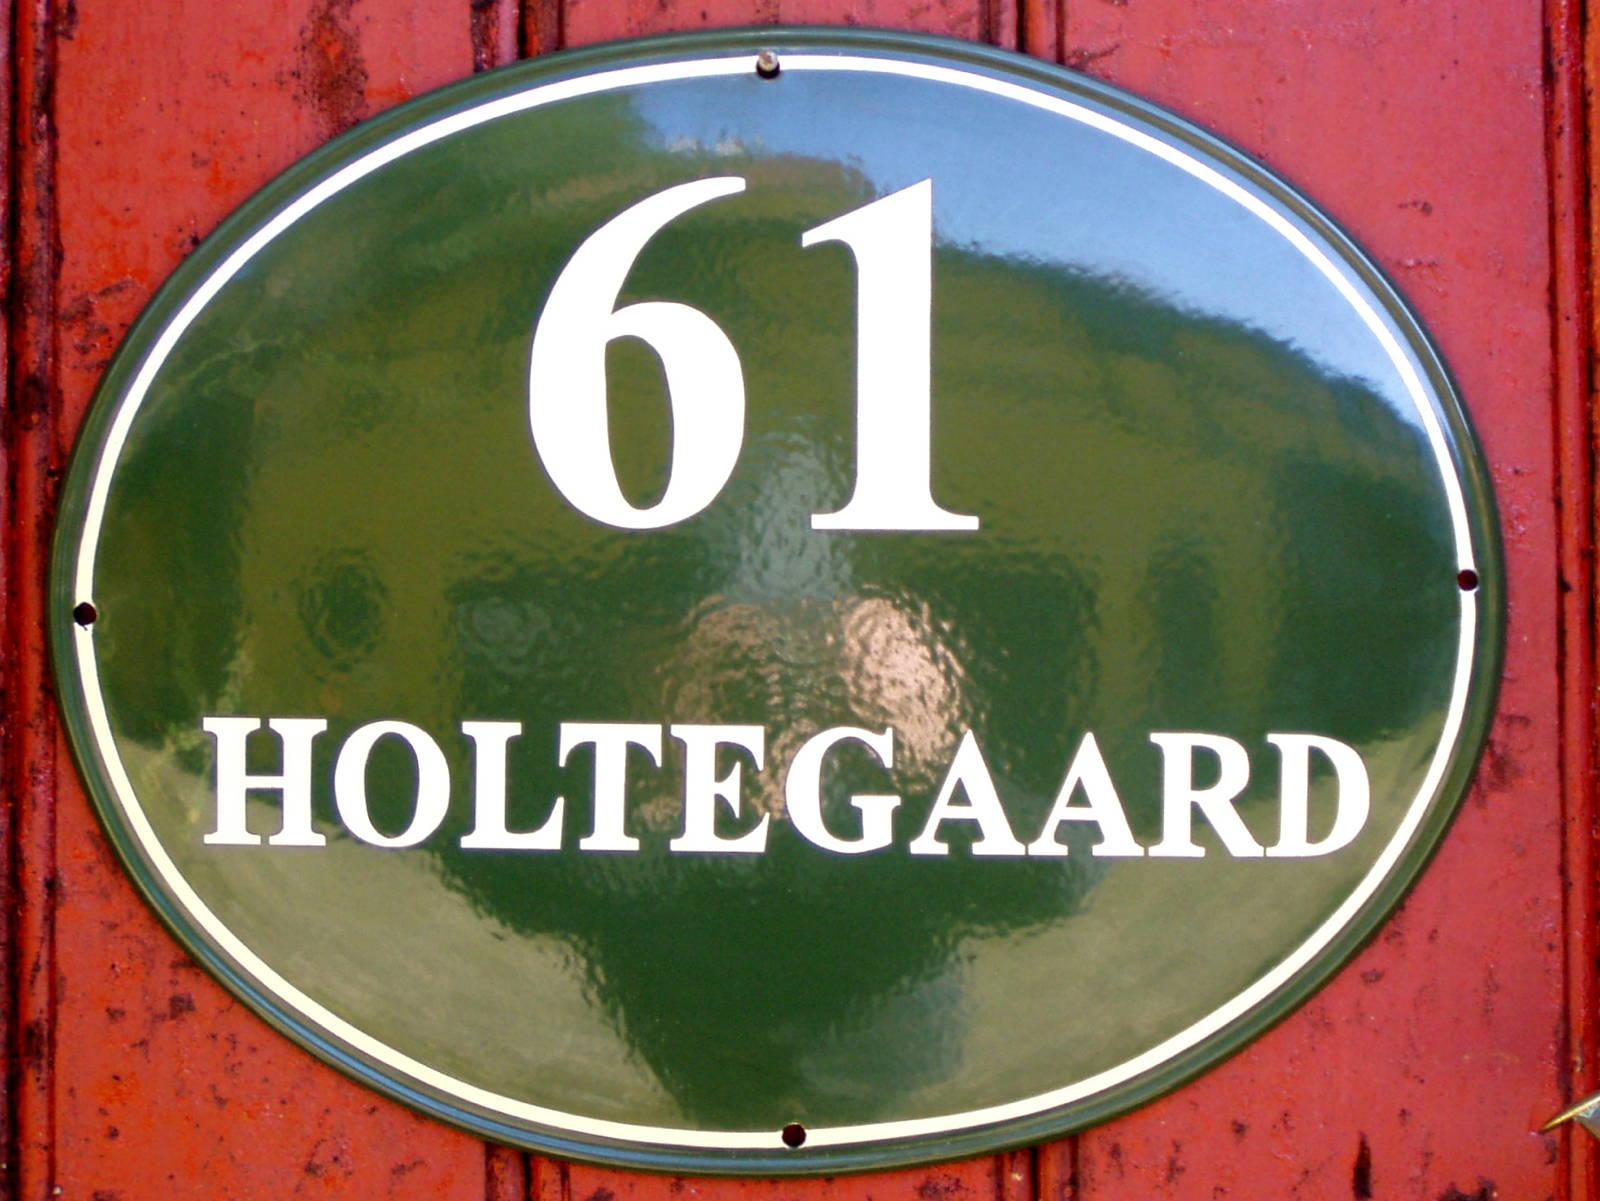 Husskilte-Holtegaard-web1600